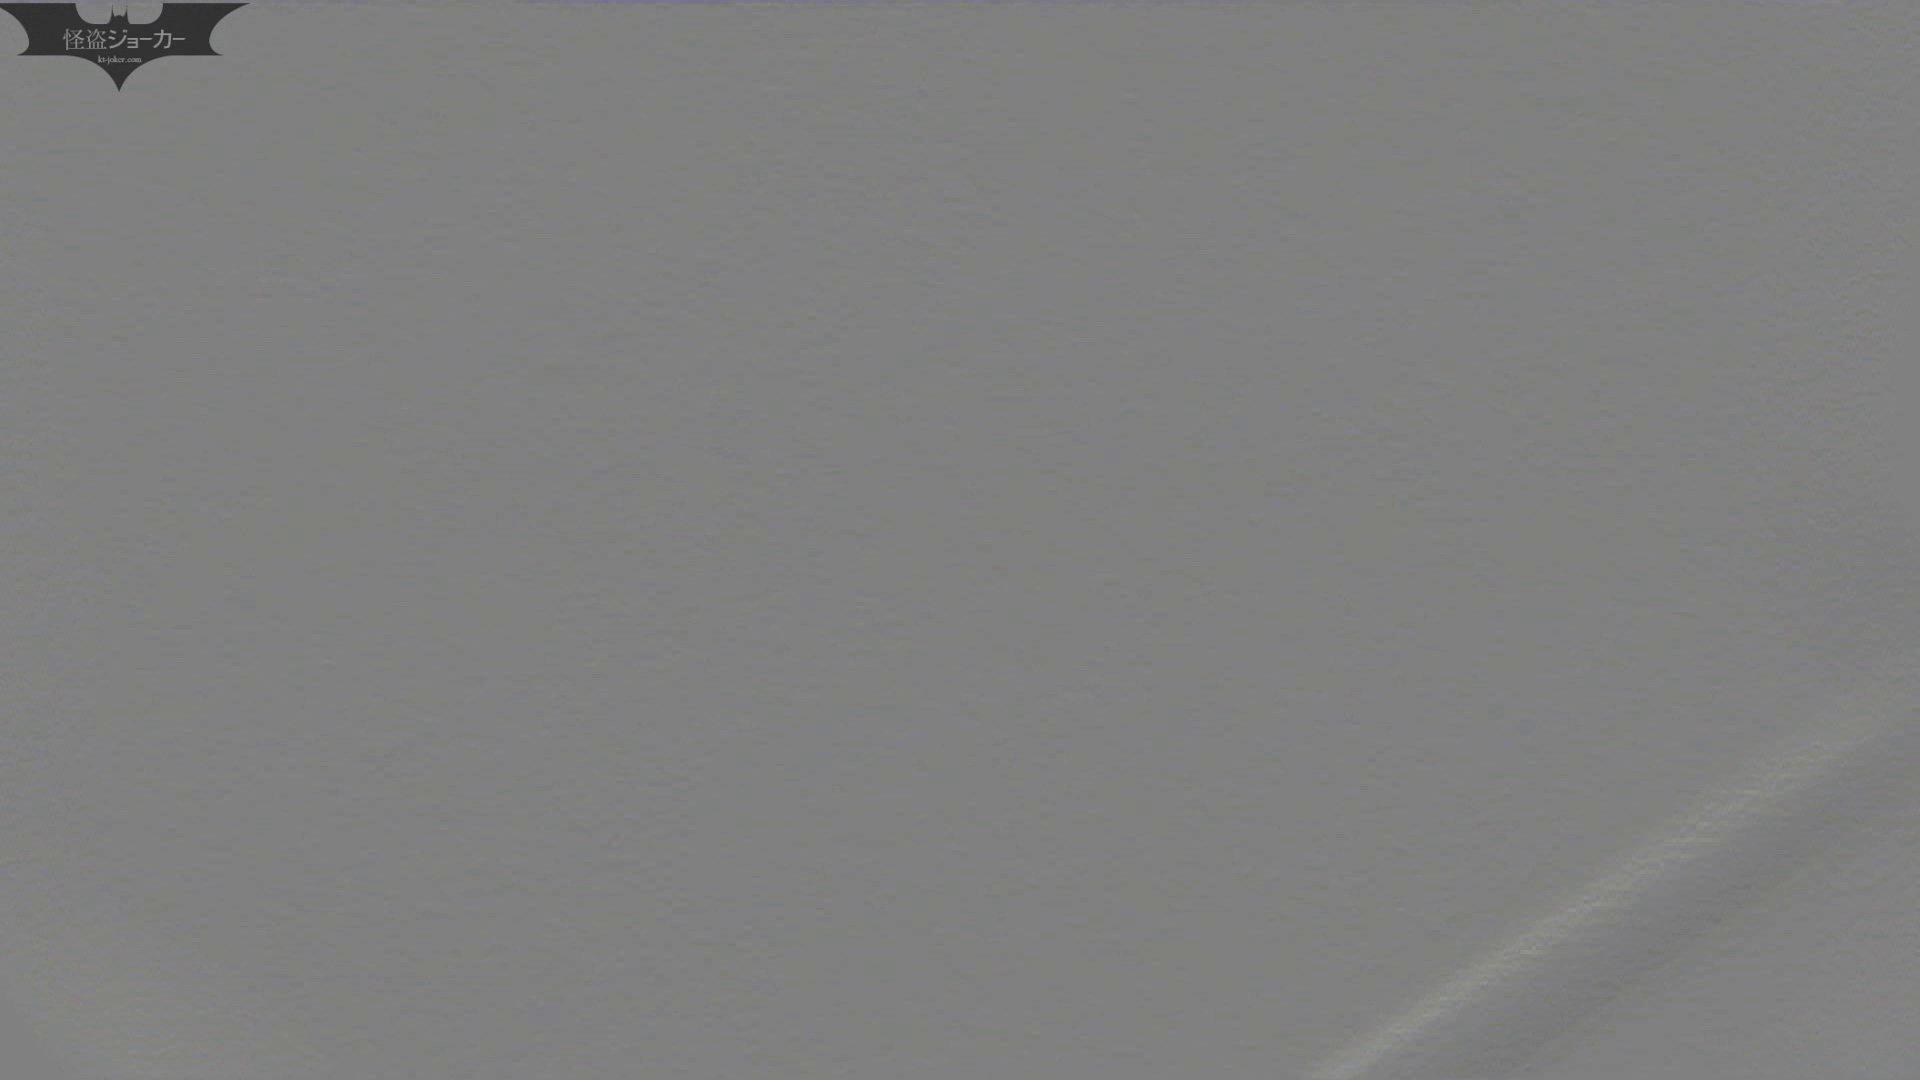 【美しき個室な世界】洗面所特攻隊 vol.046 更に進化【2015・07位】 洗面所  66pic 48